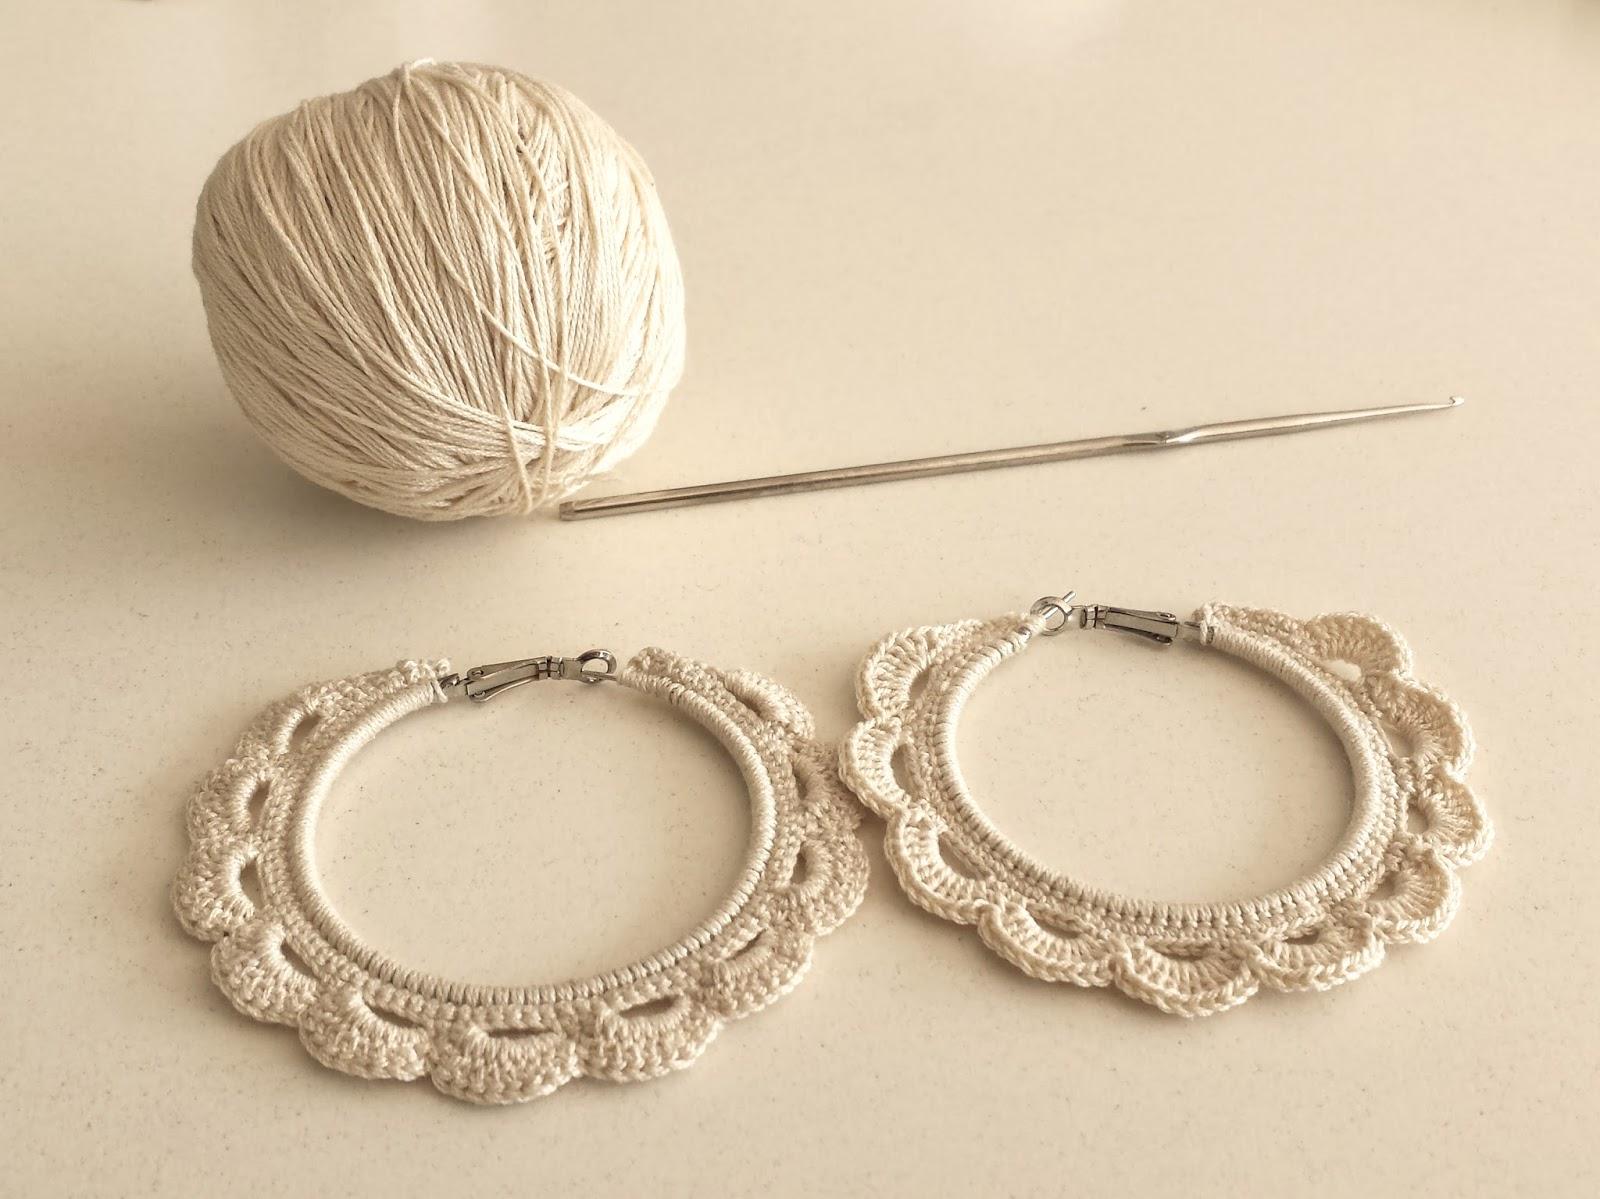 Upcycle a Pair of Old Hoop Earrings into Beautiful Crochet Earrings ...